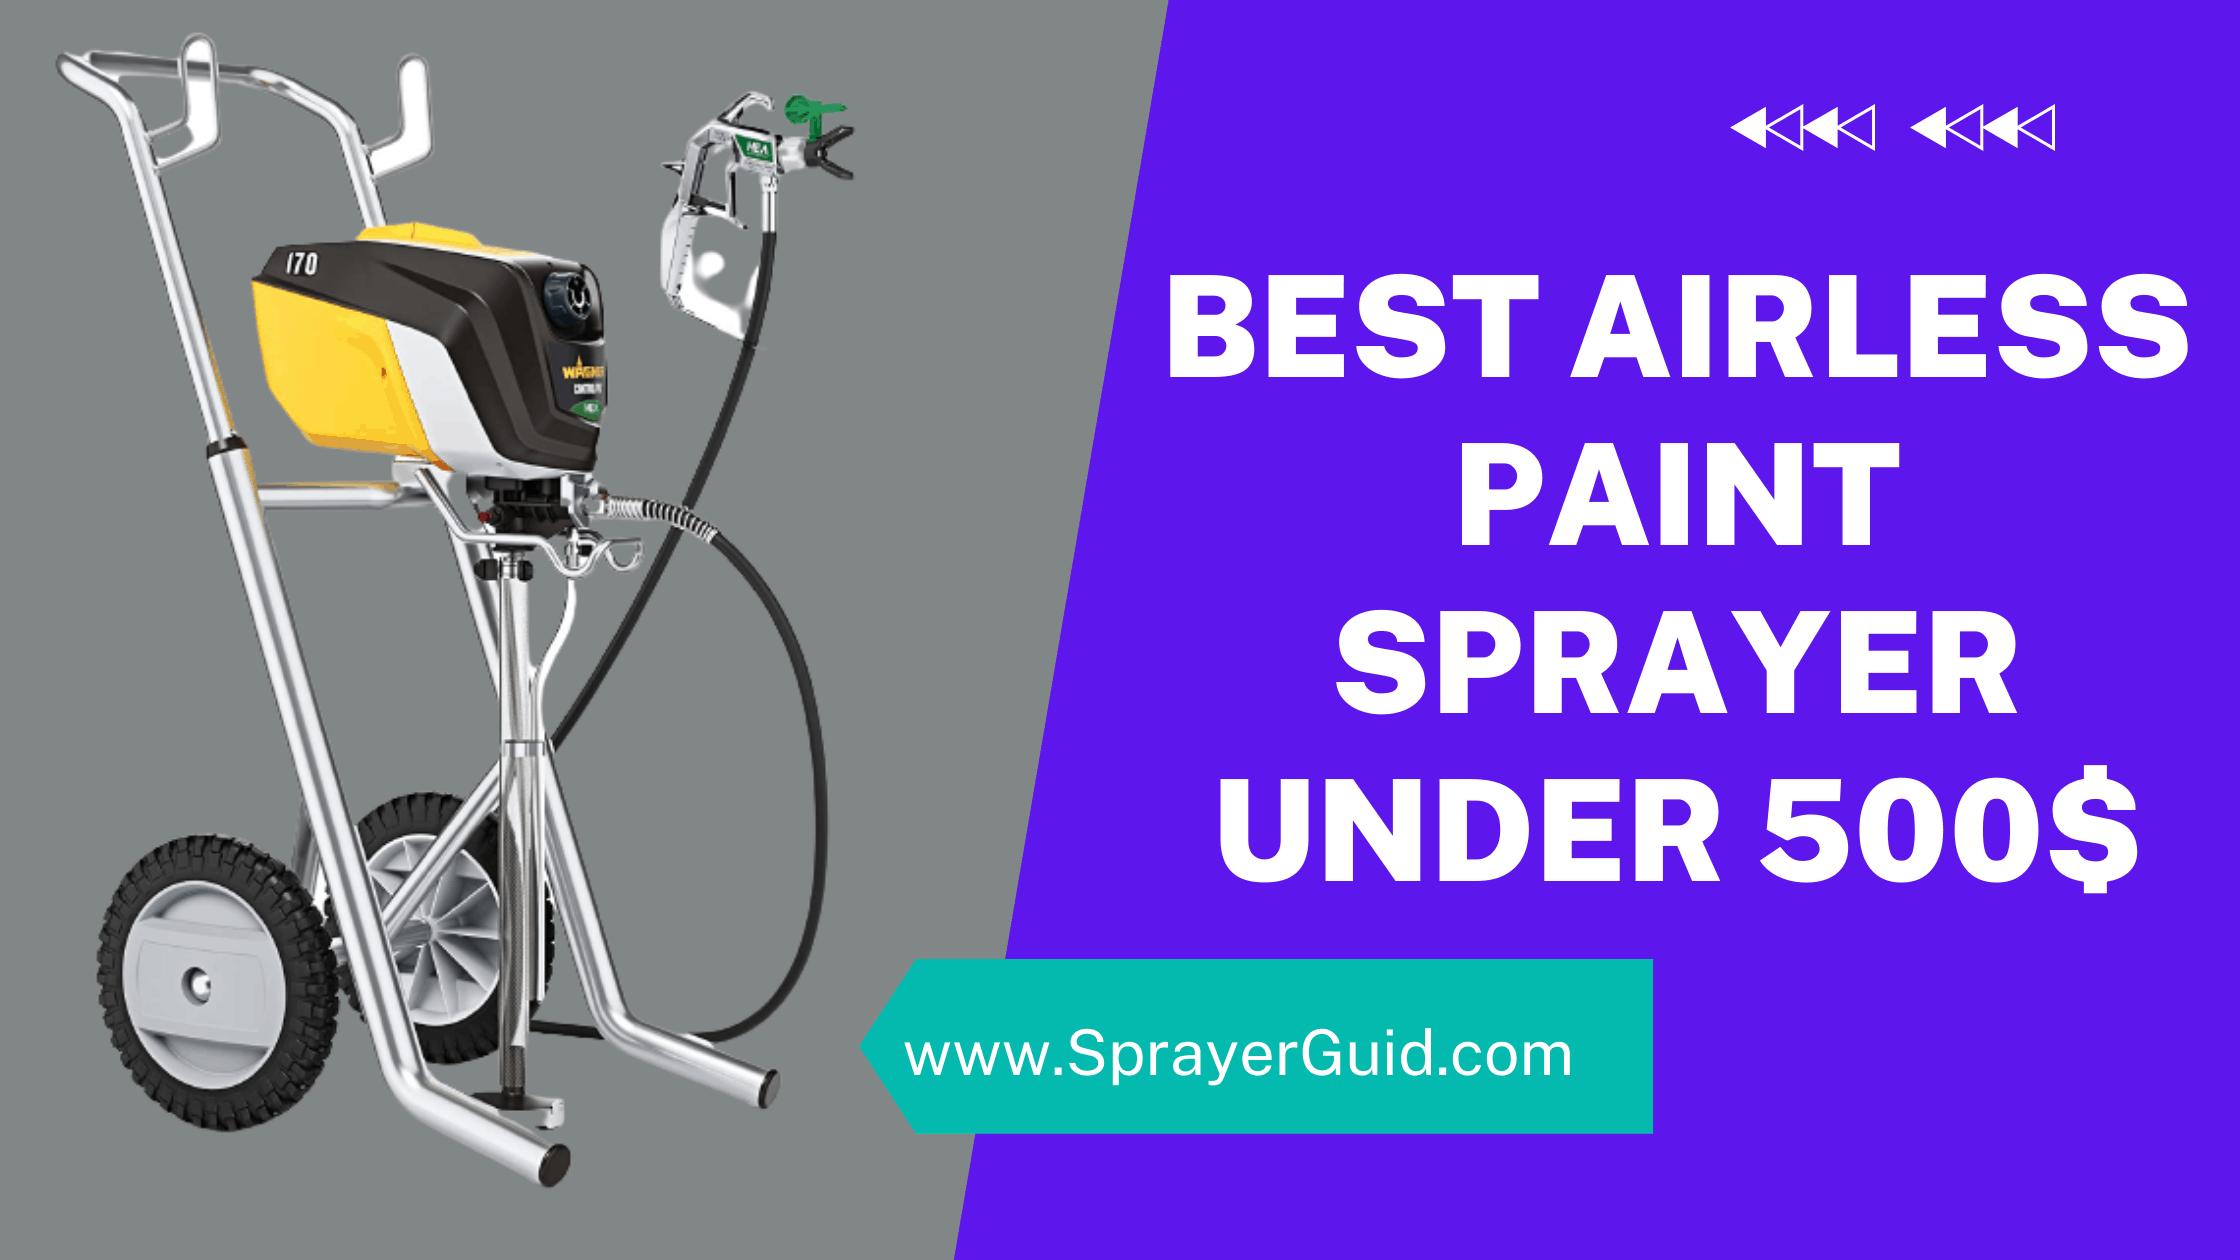 Best Airless Paint Sprayer Under $500